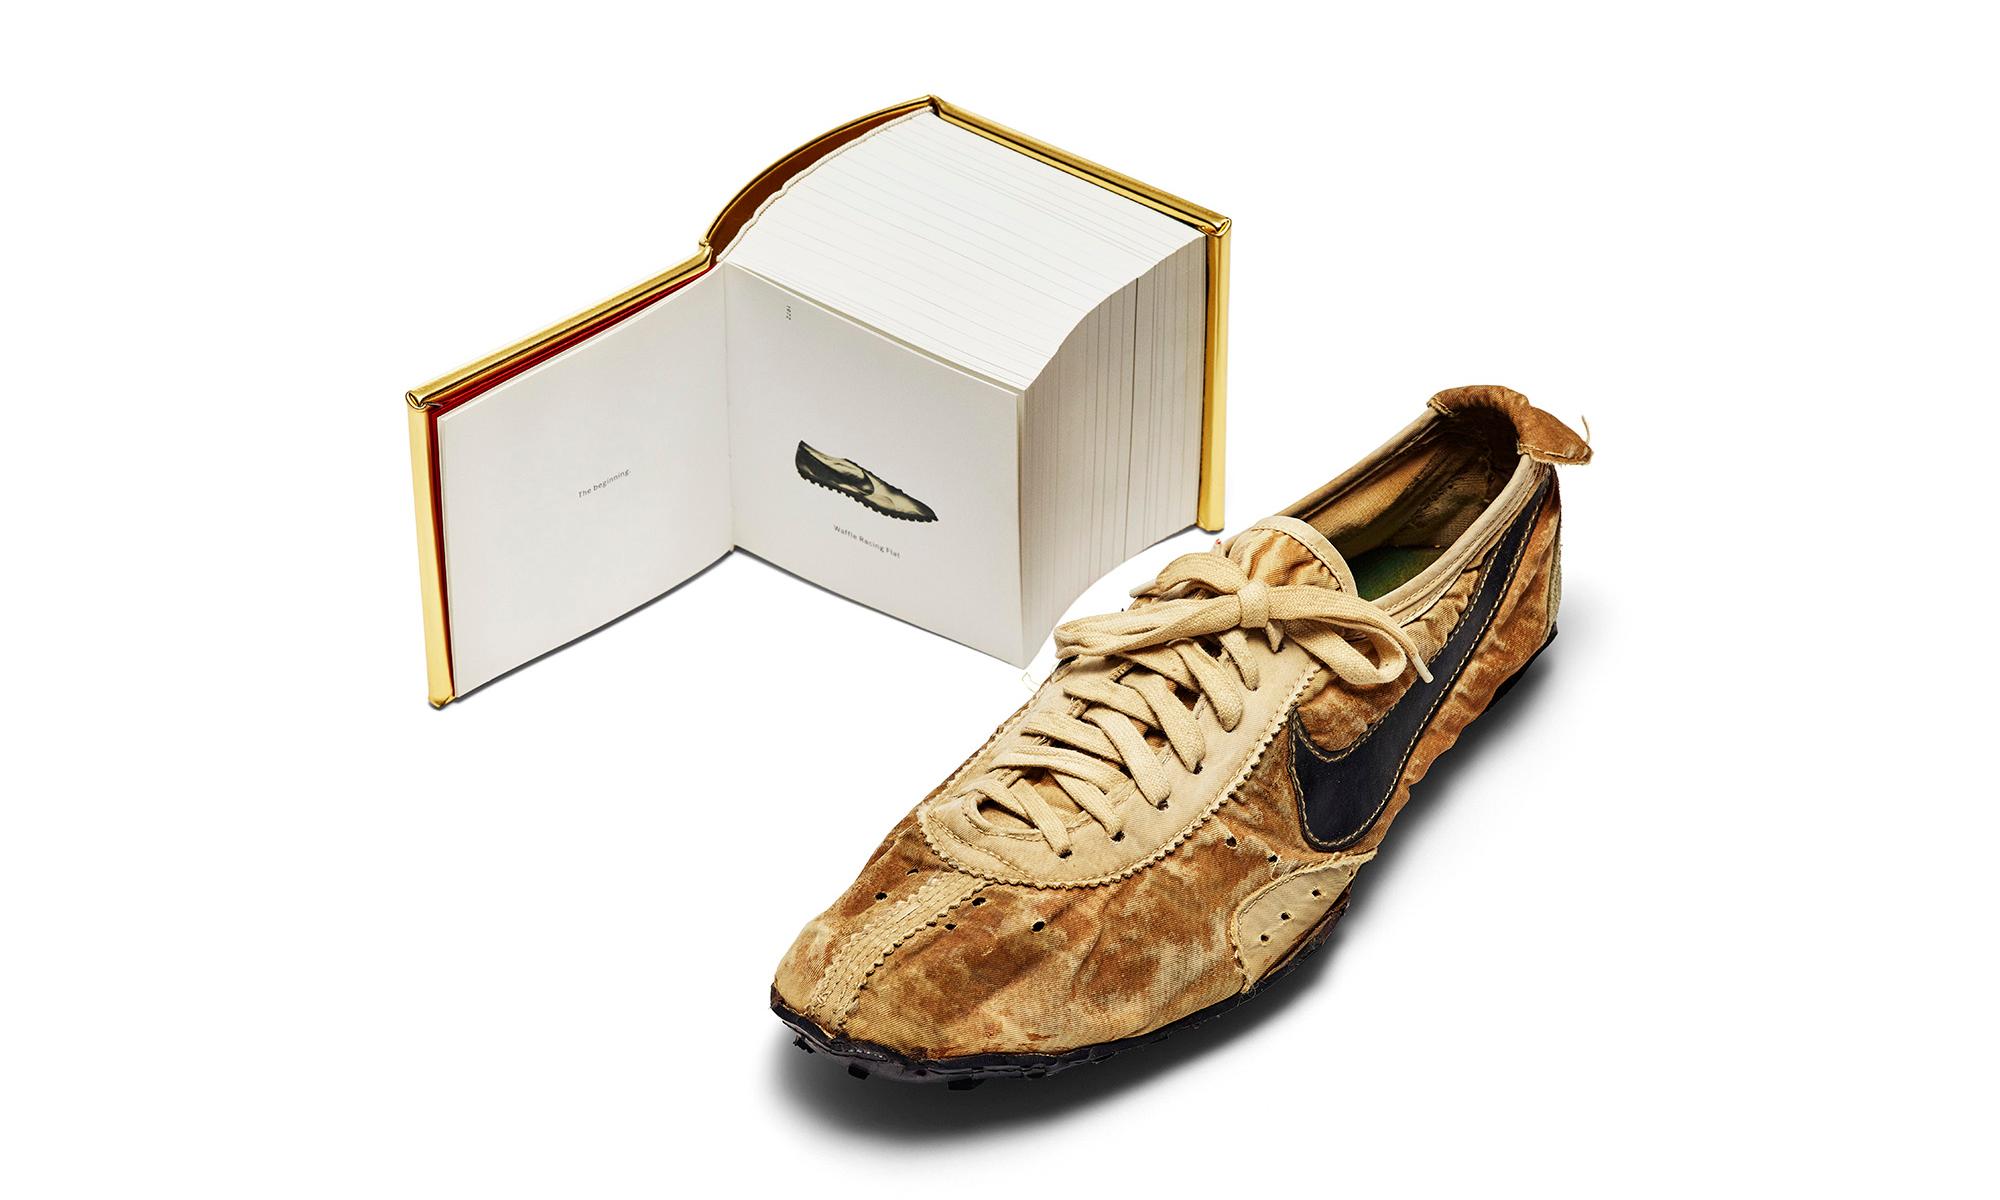 Nike《ICONS》之外,还有哪些值得珍藏的球鞋书刊